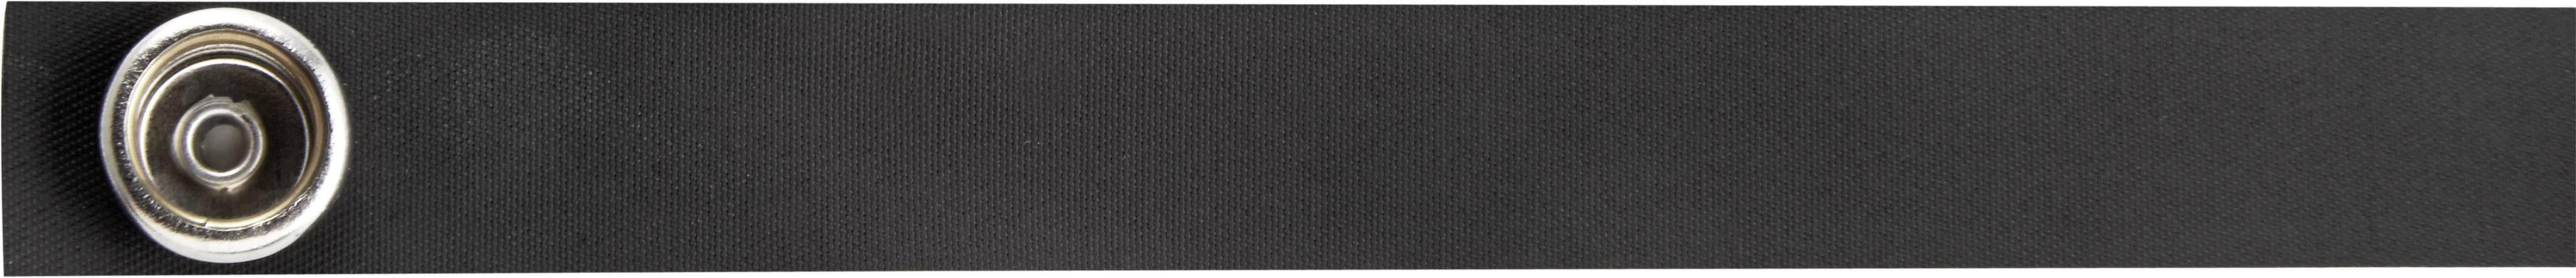 Kontaktní páska pro vysoké boty Wolfgang Warmbier 1 ks, černá